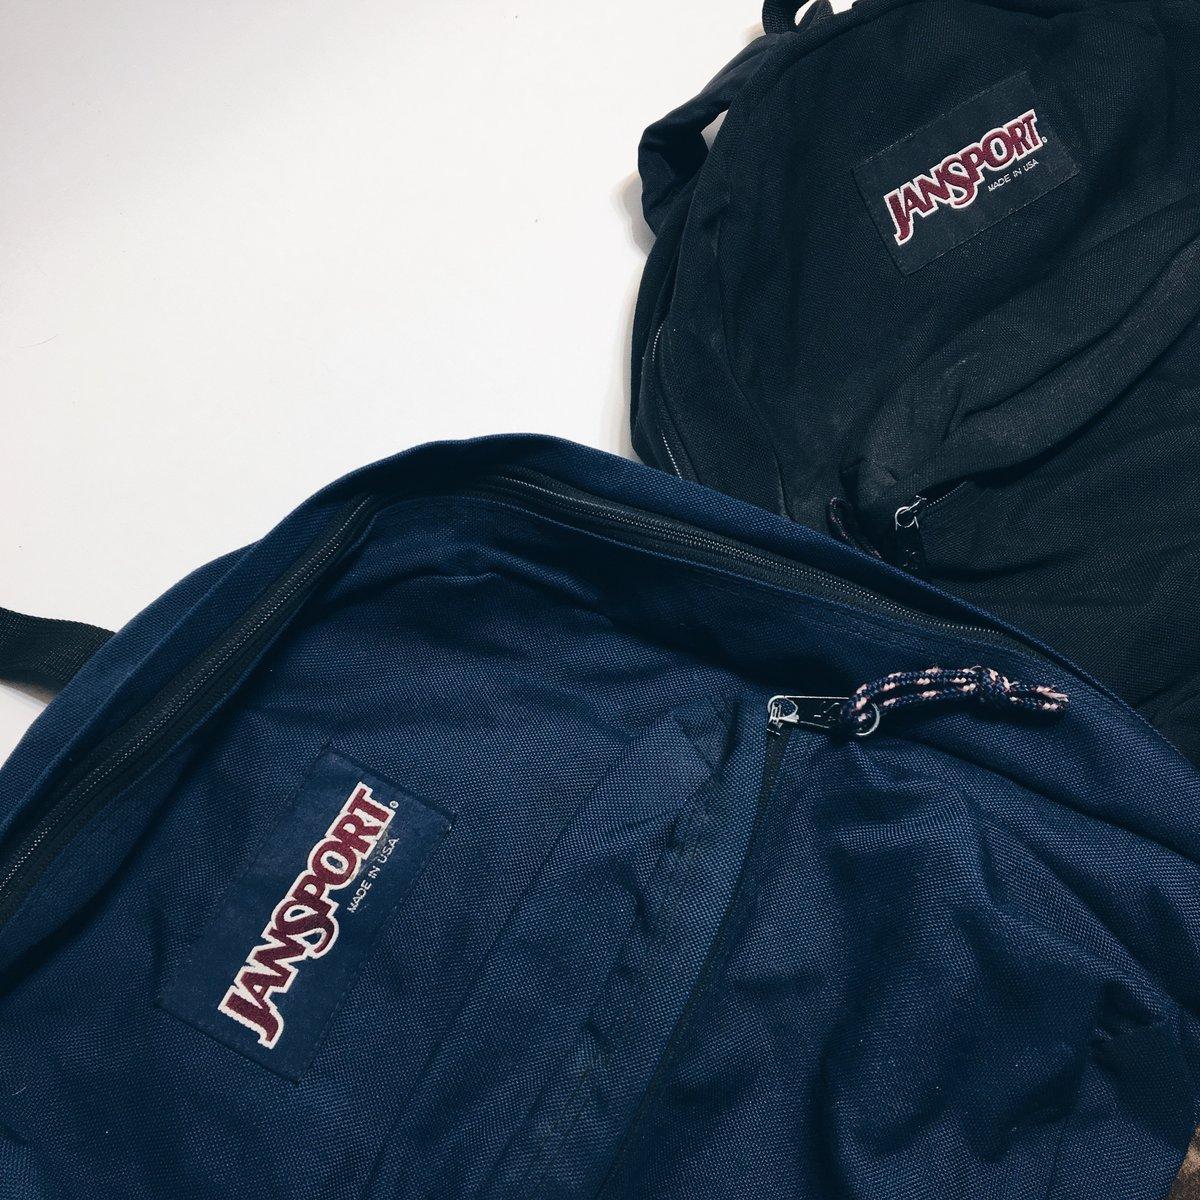 Image of Original 90's Made In USA JanSport Backpacks.